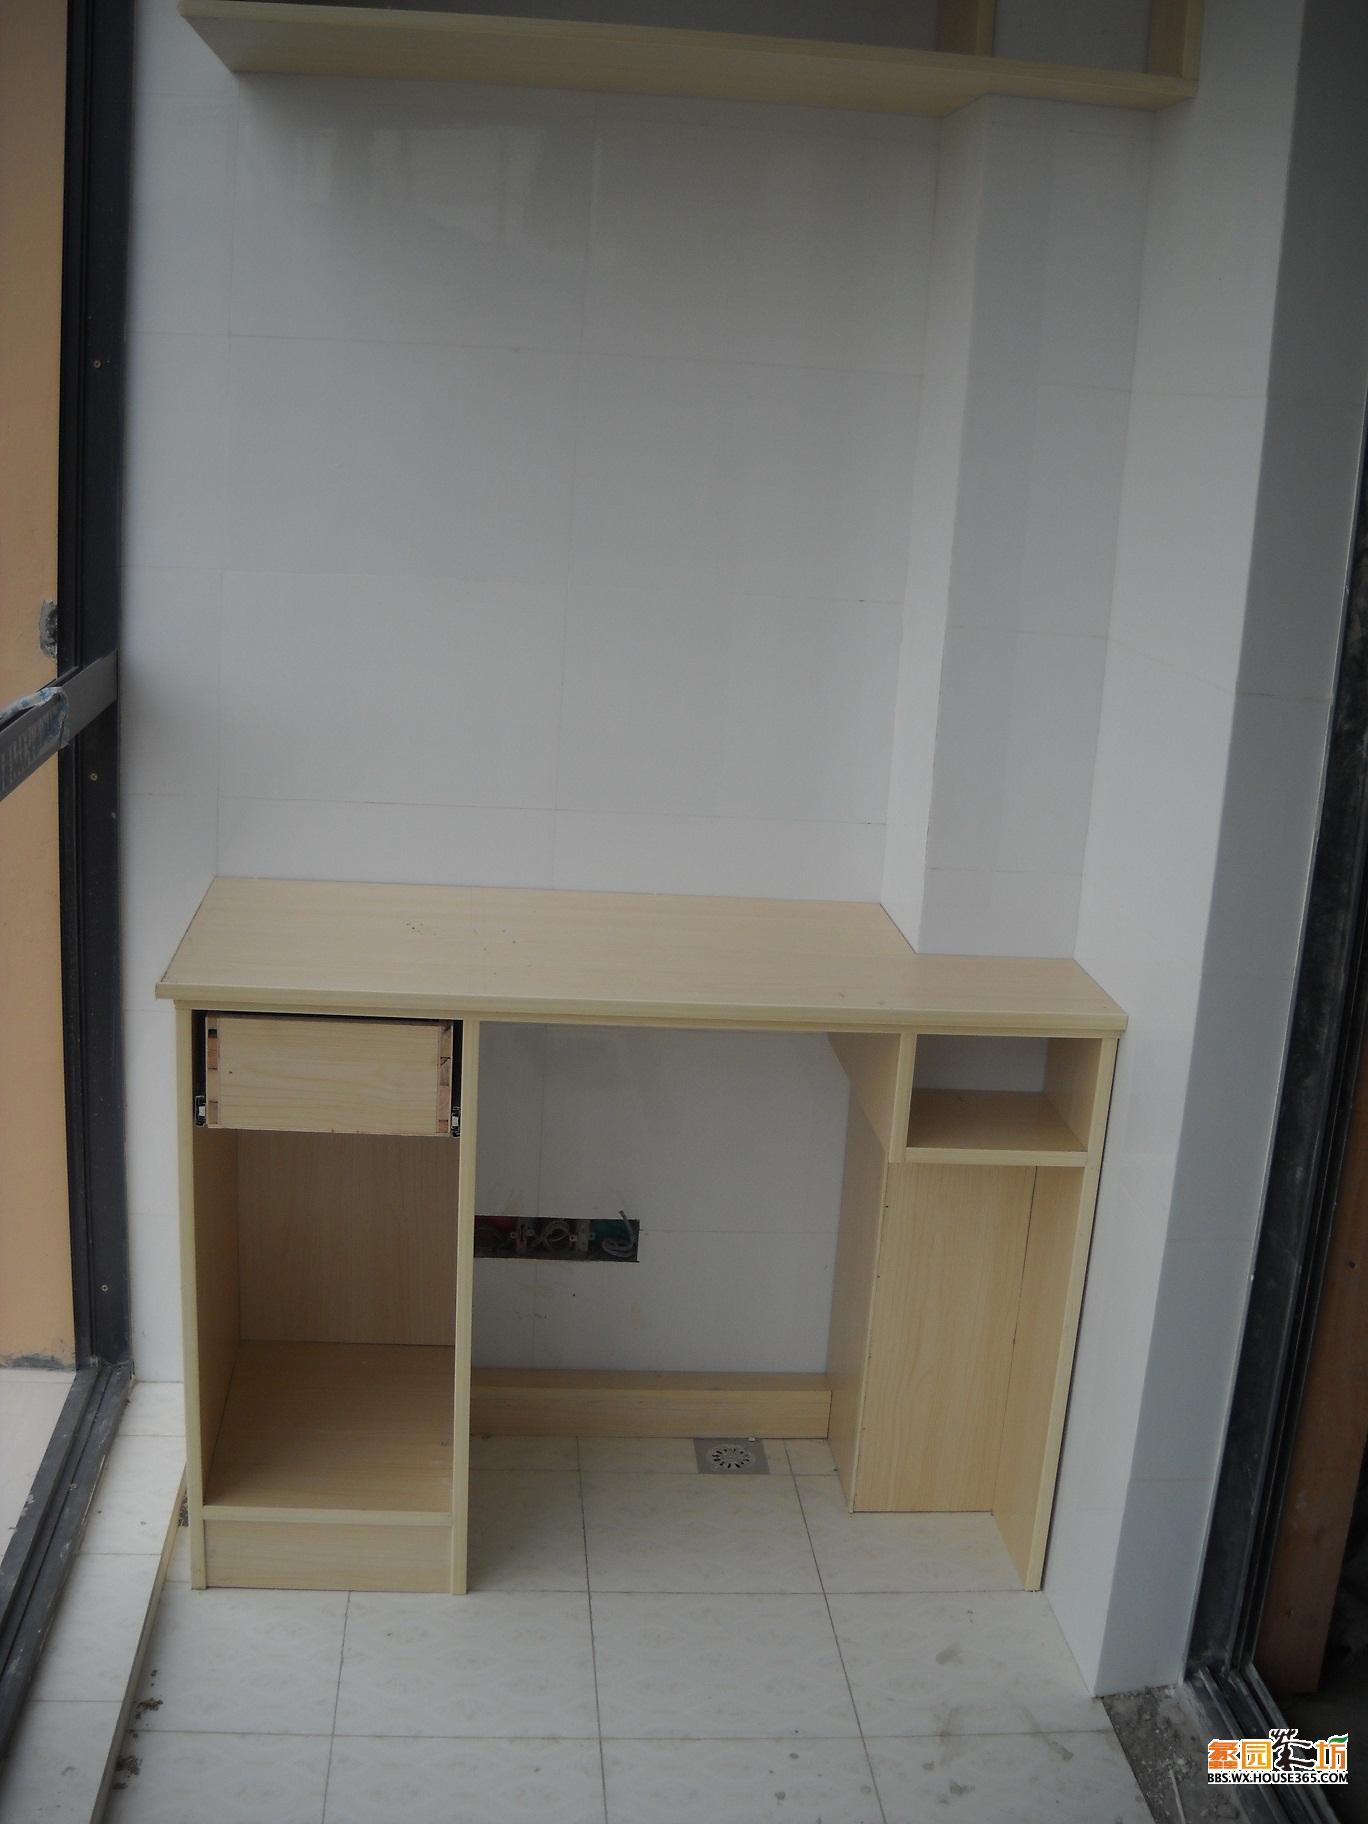 木工柜子桌子图片